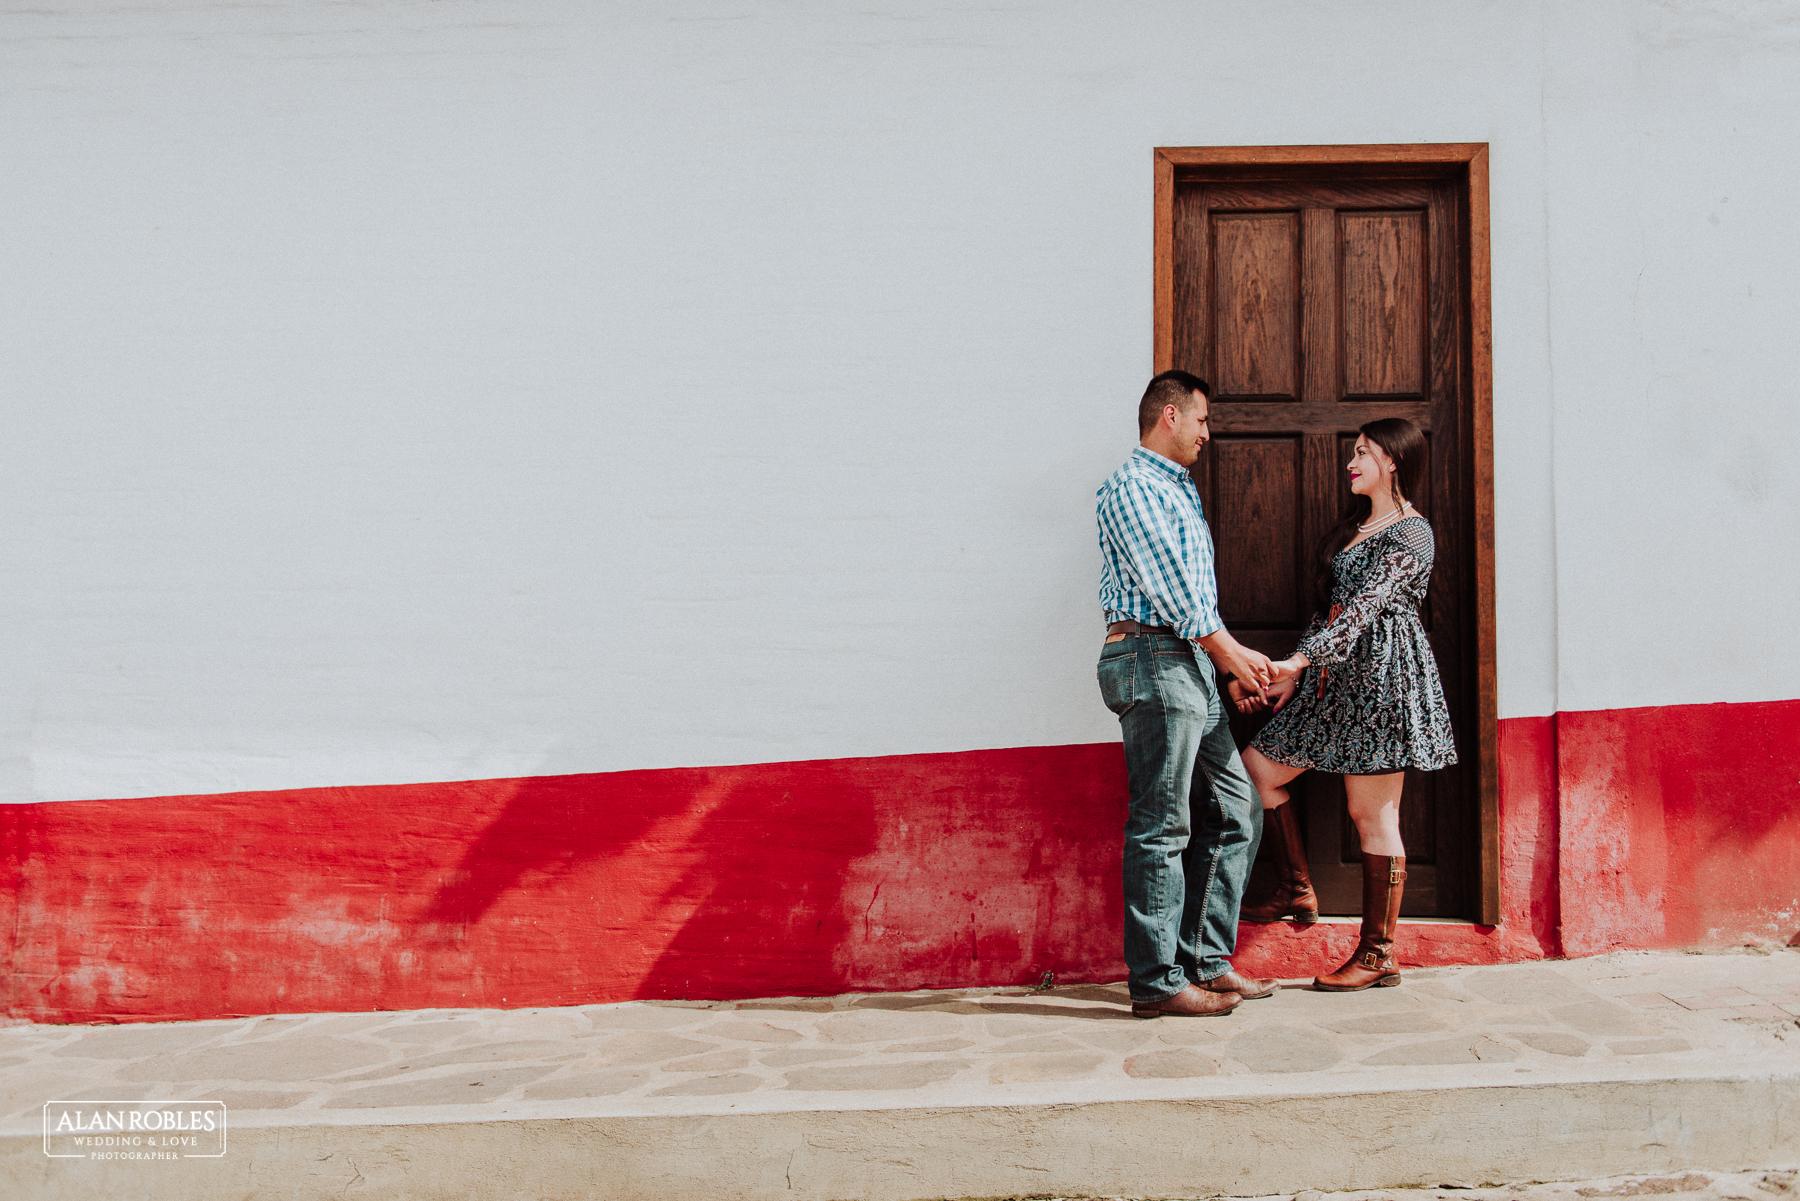 Fotografo de Bodas en Guadalajara Alan Robles - Preboda en Mazamitla Pueblo Magico